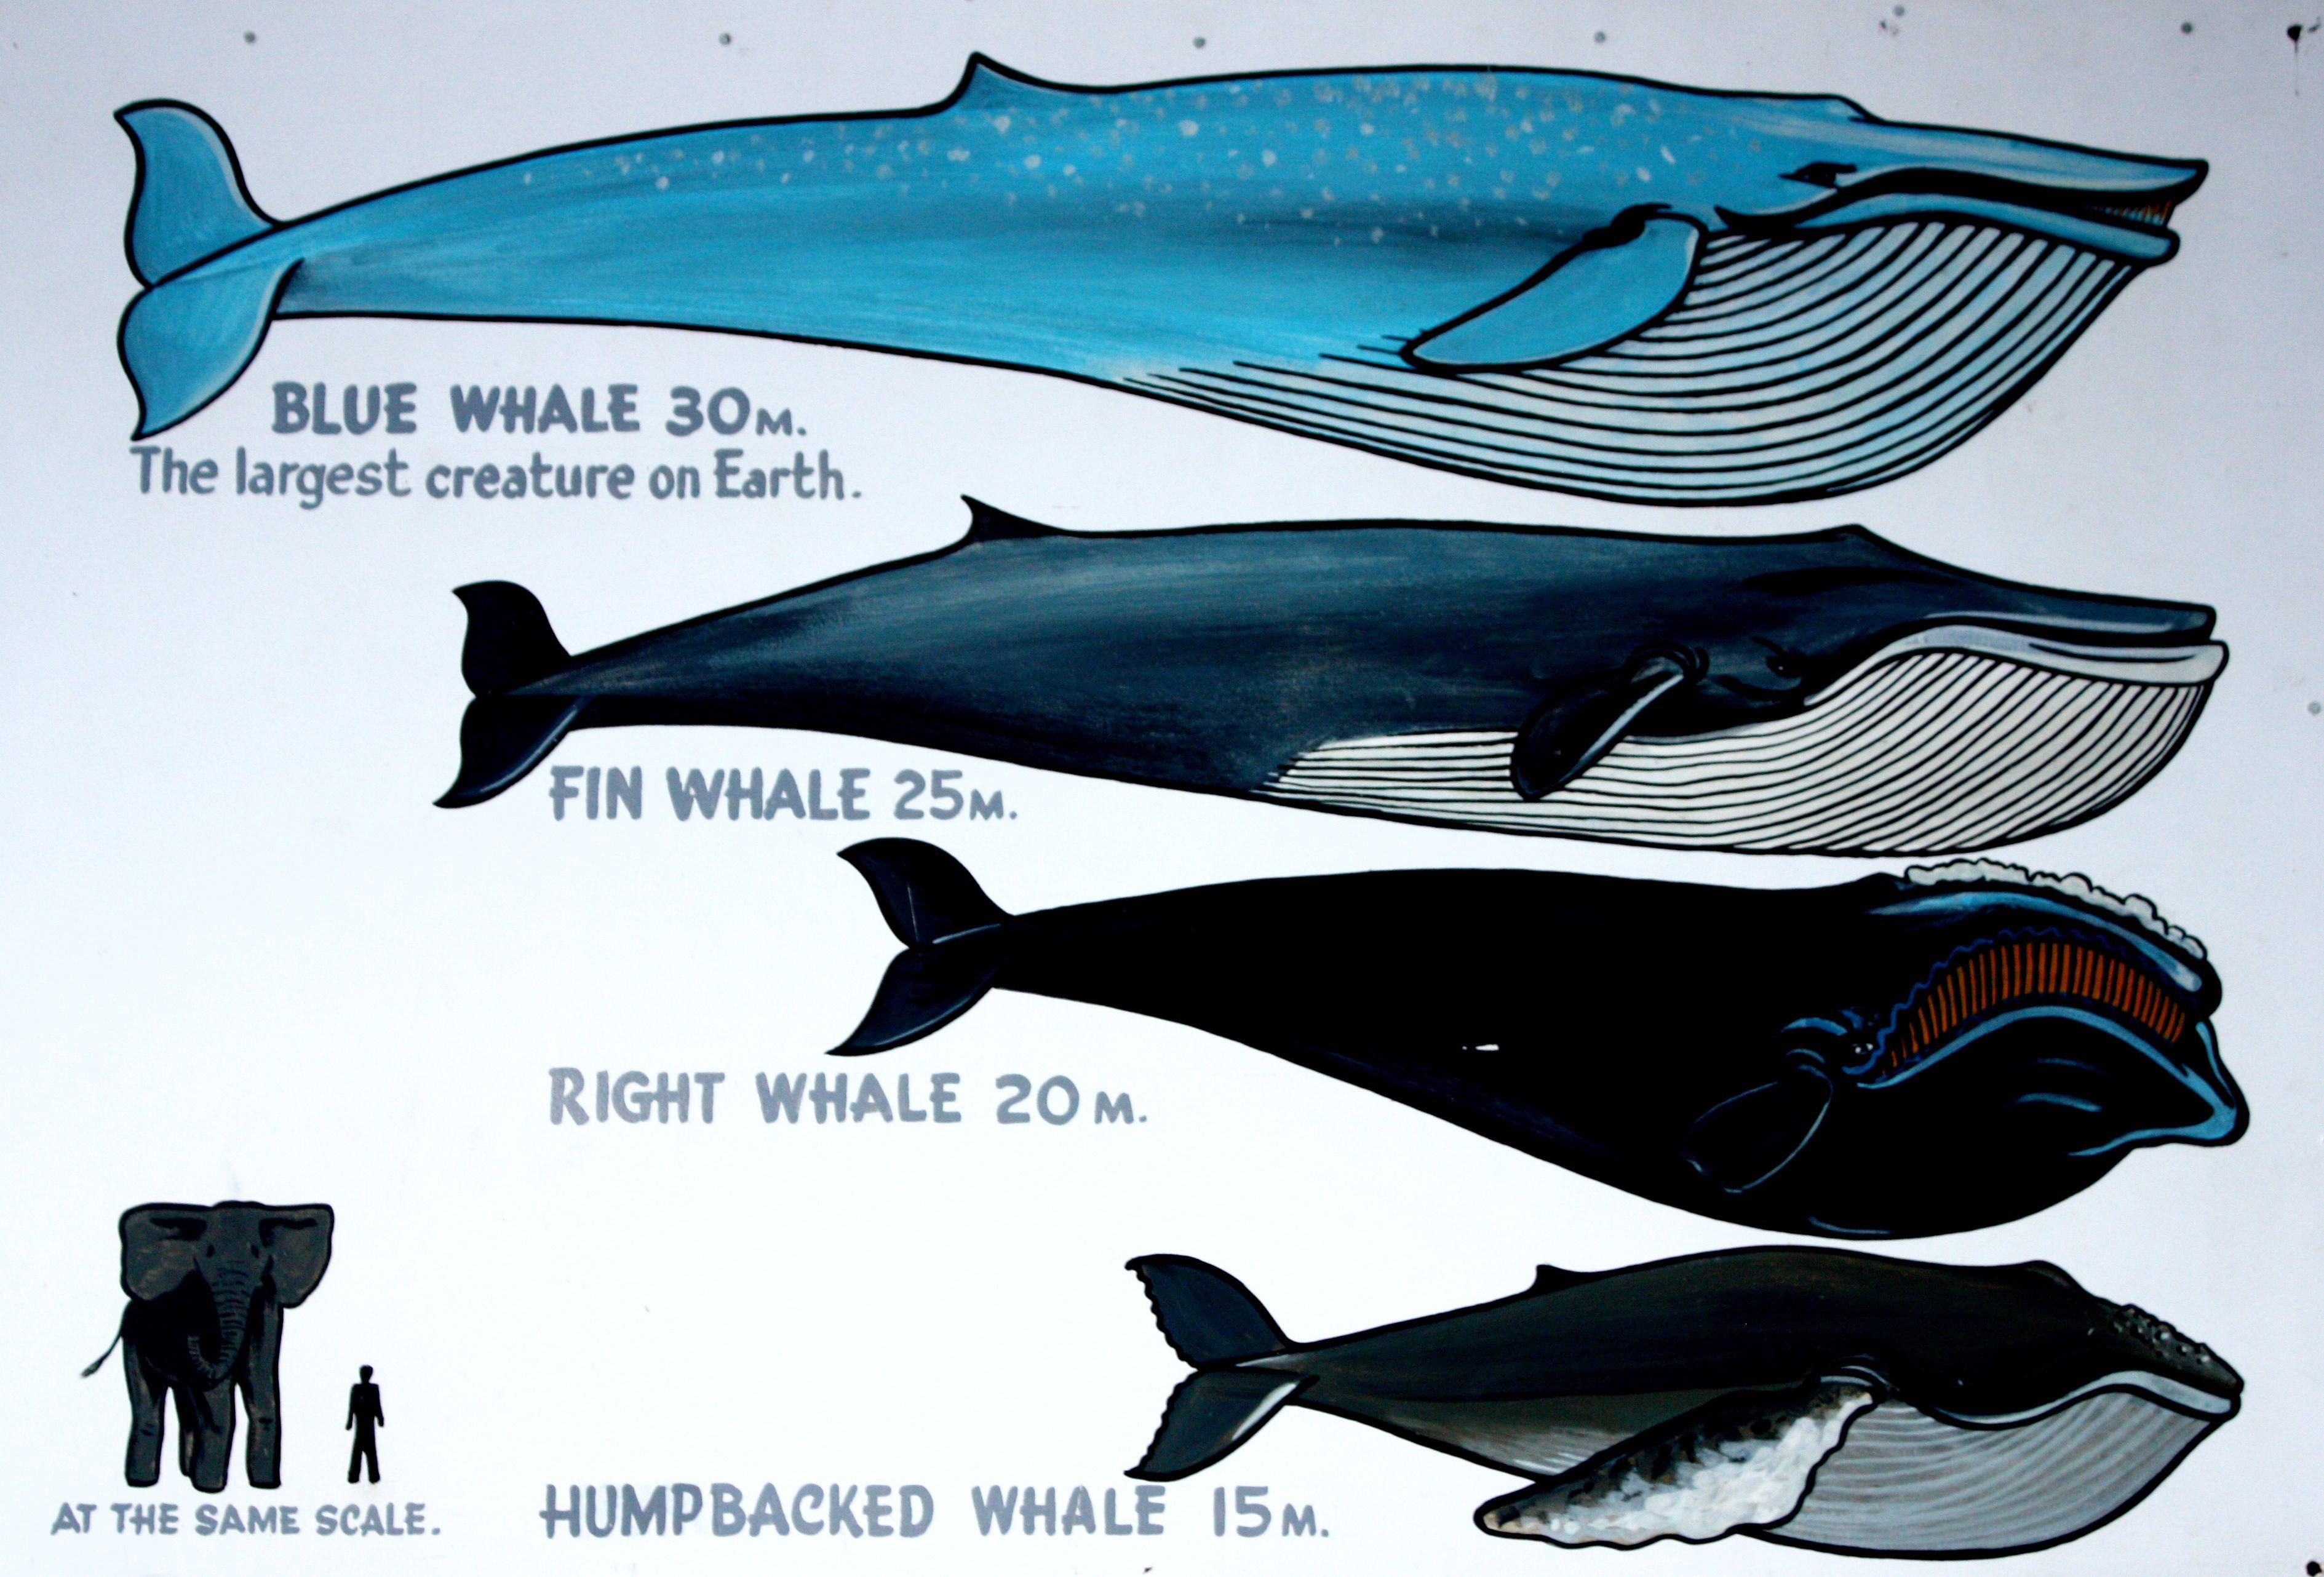 все виды китообразных картинки модели для экономии